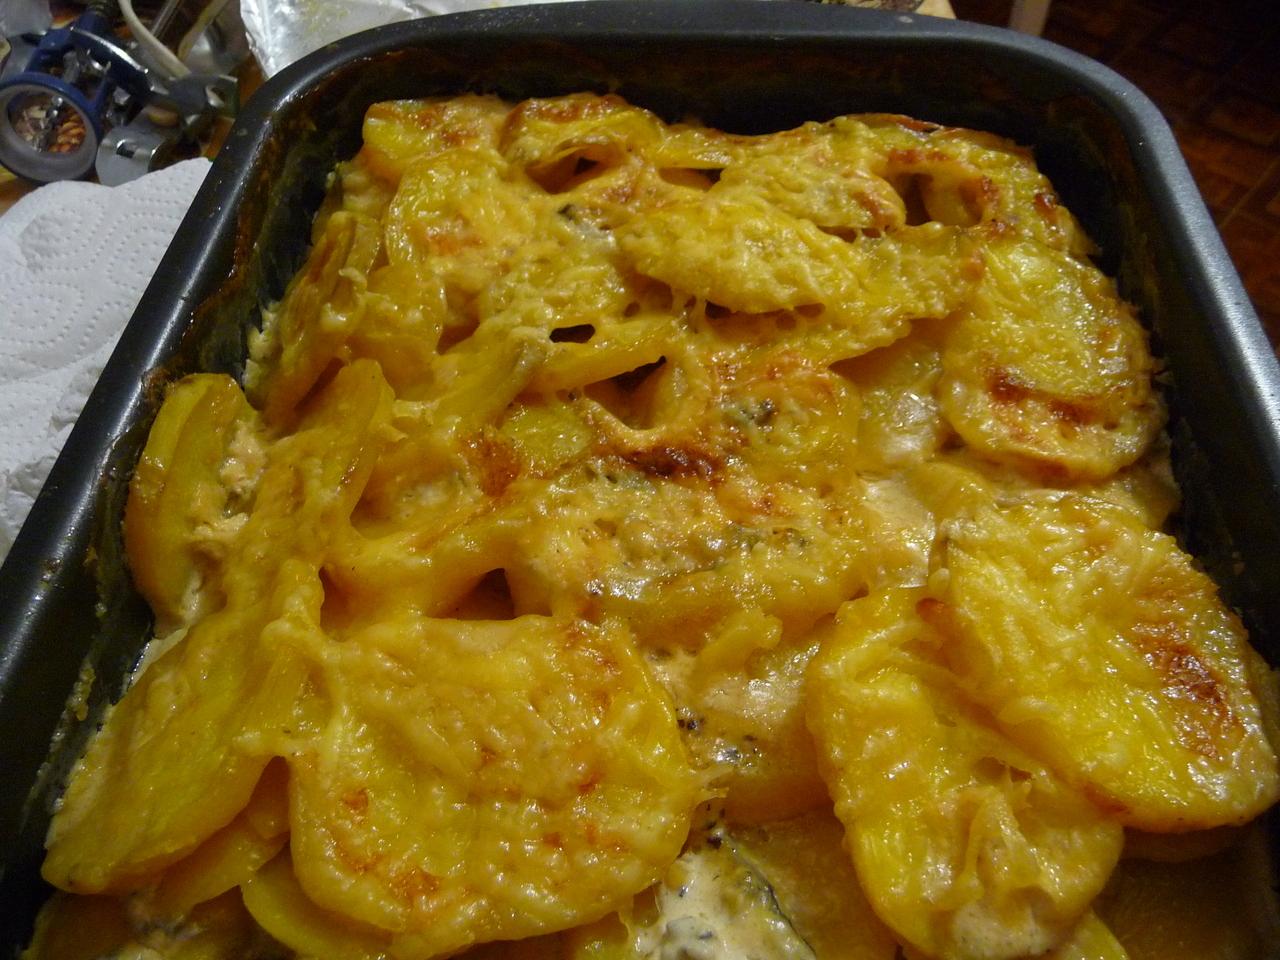 Окунь с овощами в фольге в духовке рецепт